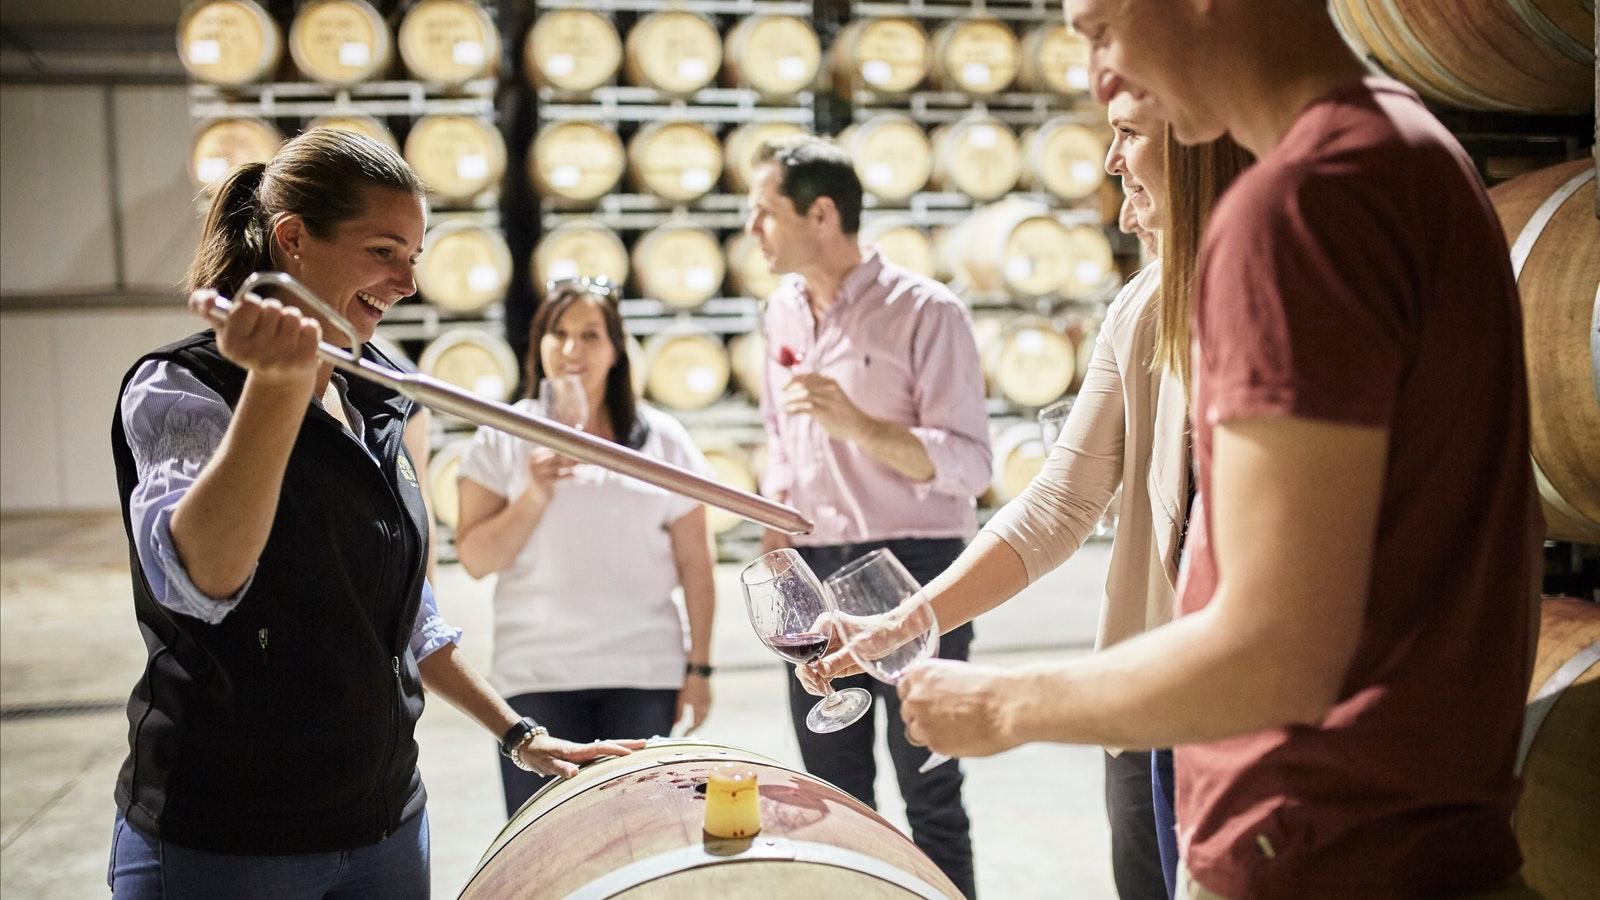 Meet a winemaker